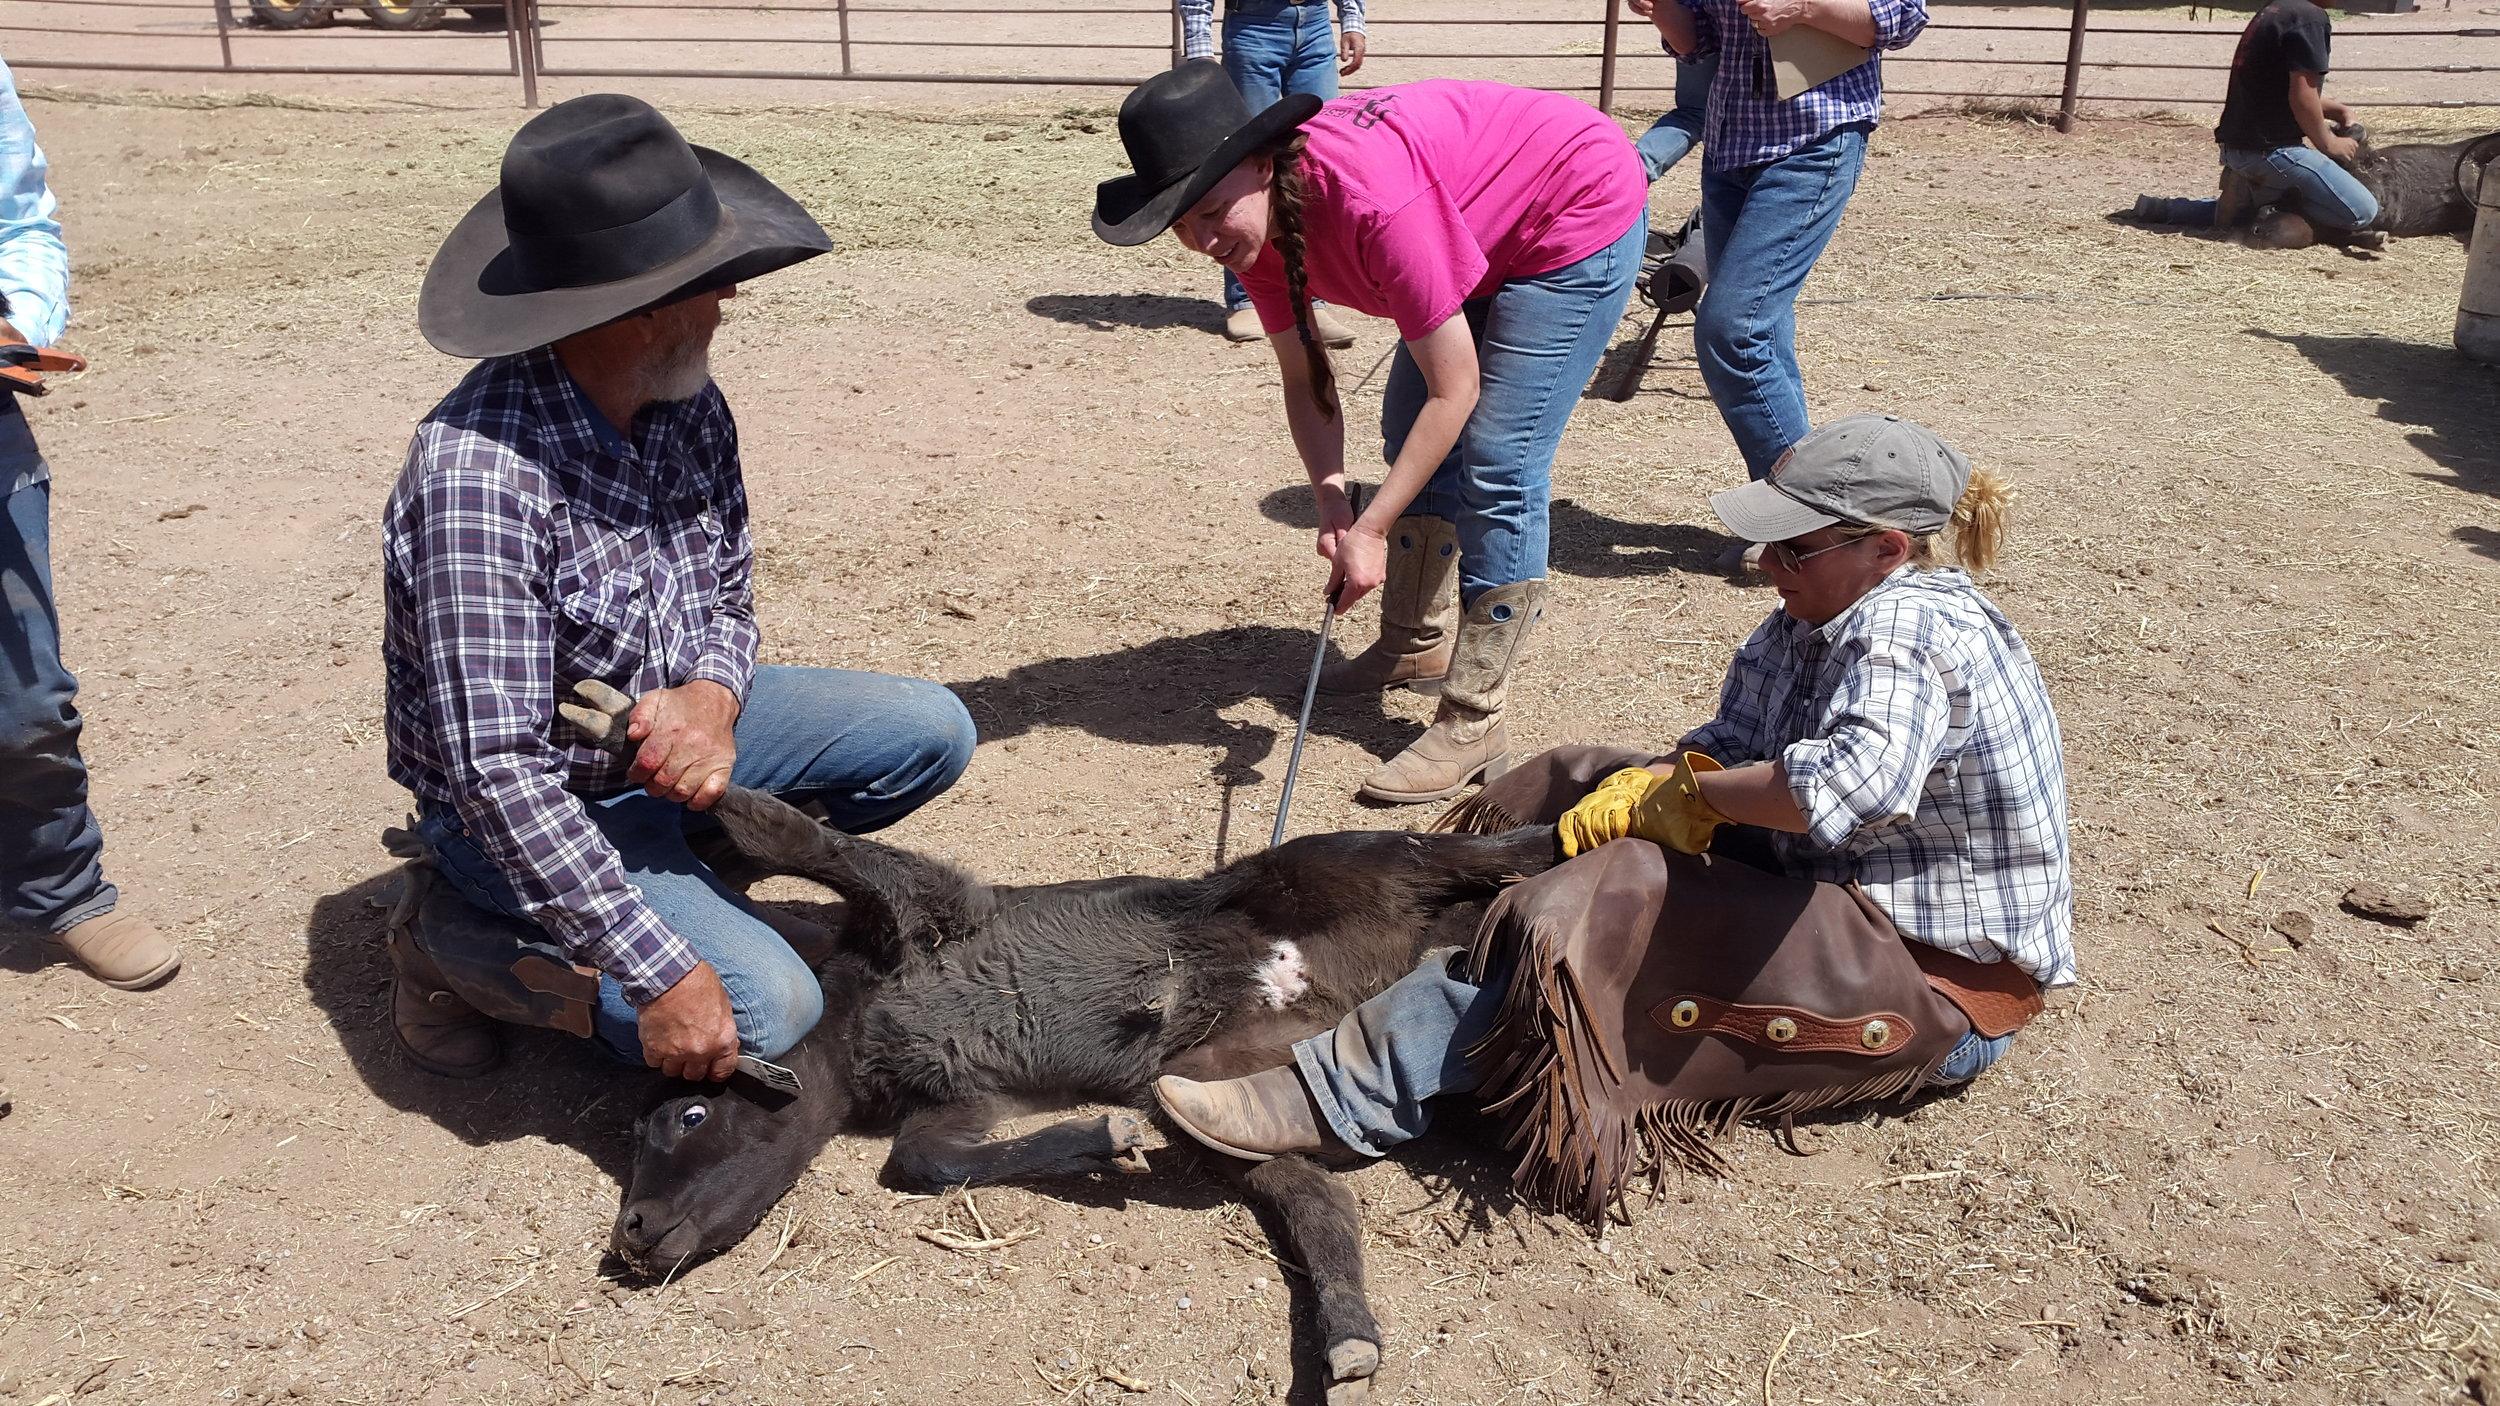 Wendall (links) und Annika (rechts) halten das Kalb während Rebecca das Brandzeichen setzt.  Wendall (left) and Annika (right) are flanking the calf while Rebecca is branding it.